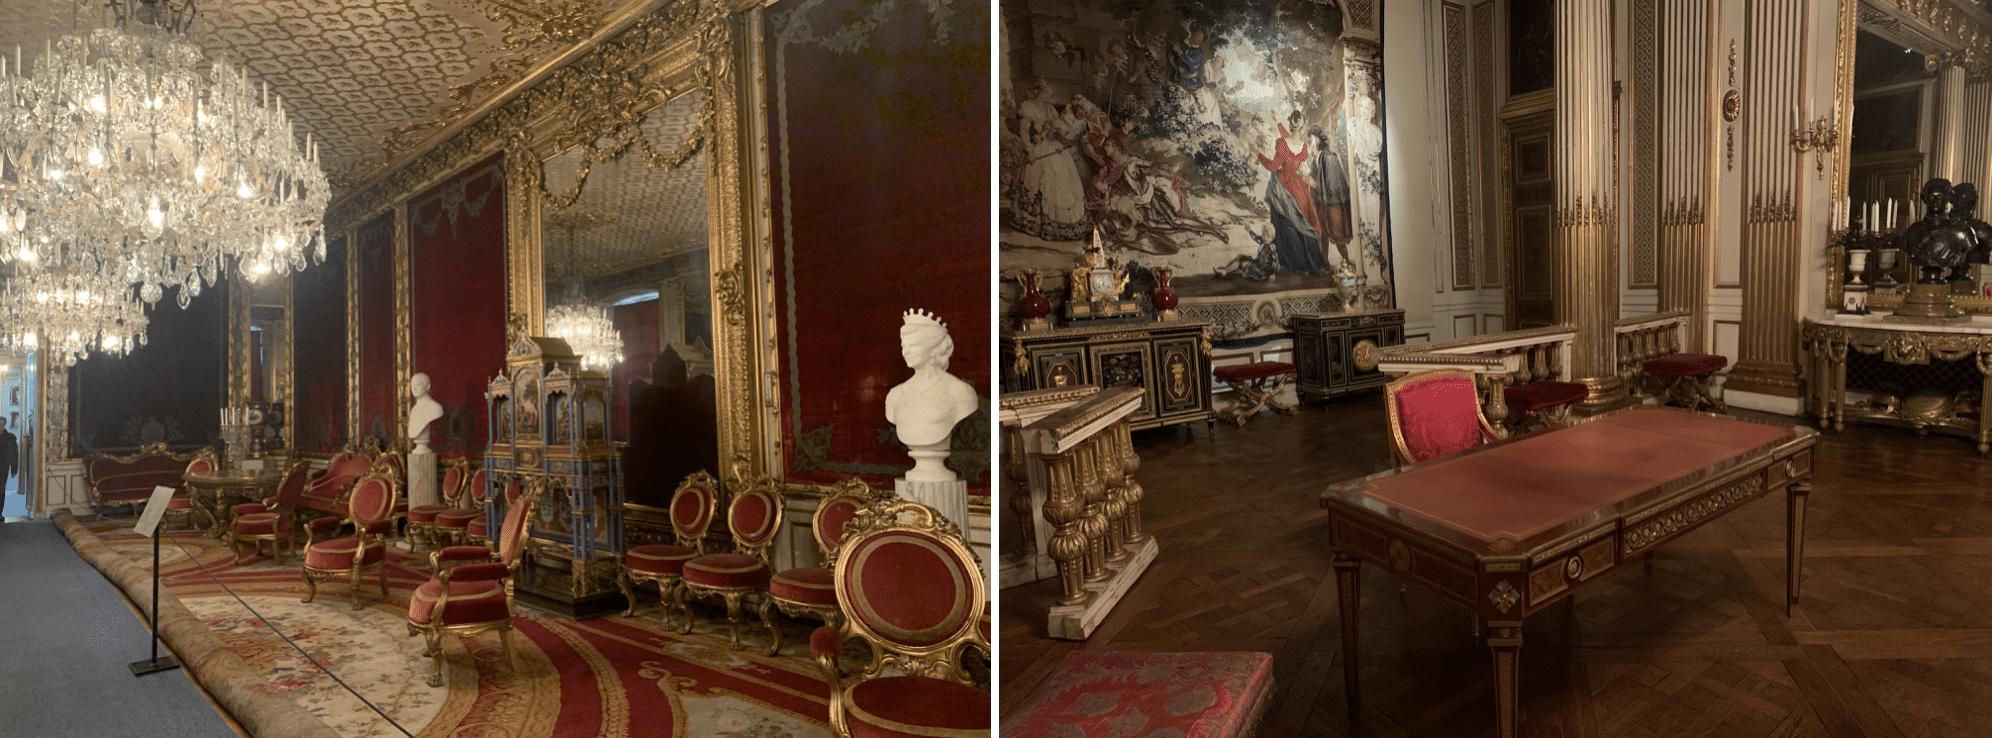 interieur du palais royal de stockholm